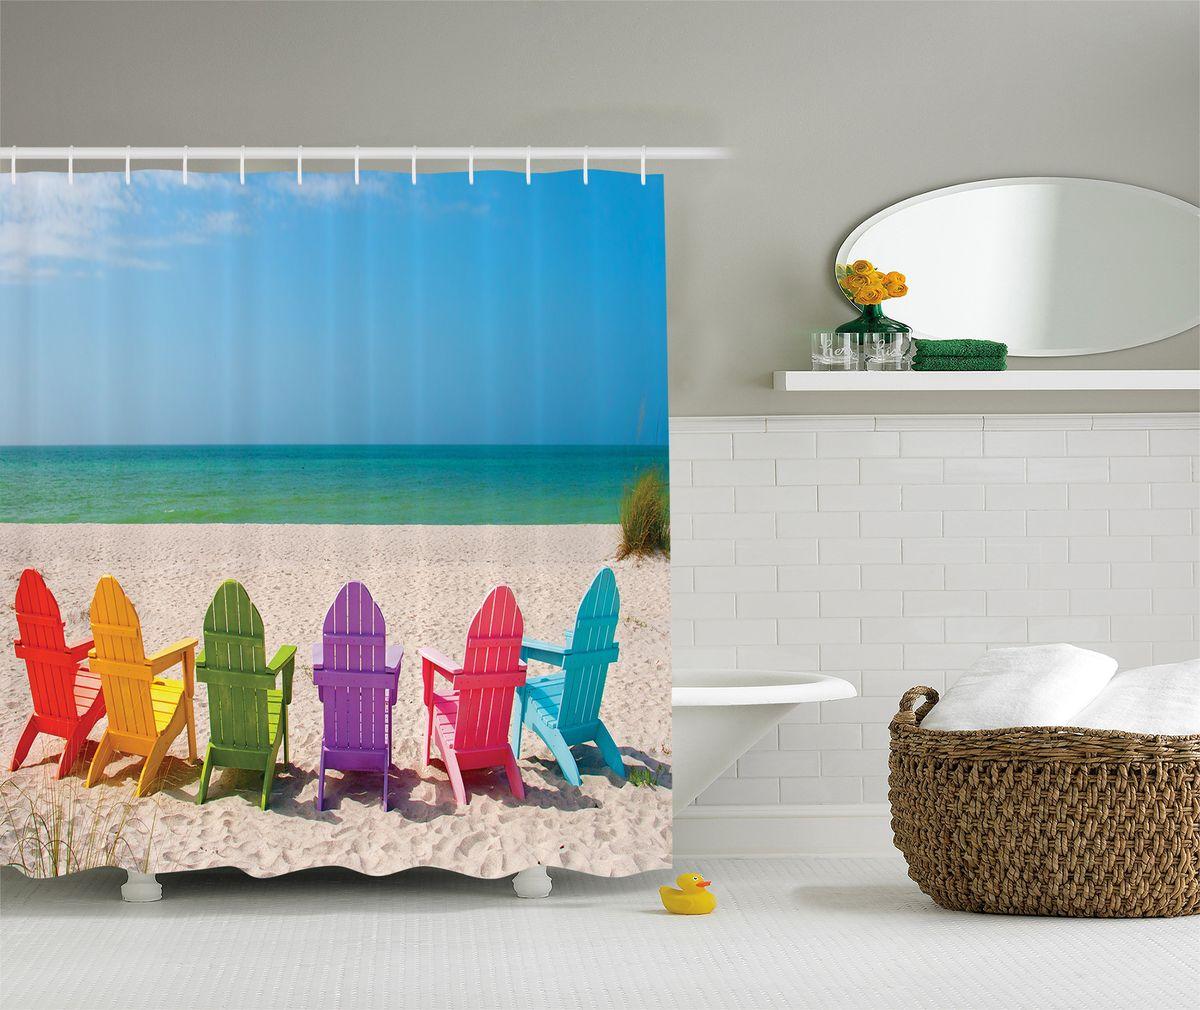 Штора для ванной комнаты Magic Lady Разноцветные шезлонги, 180 х 200 смшв_8244Штора Magic Lady Разноцветные шезлонги, изготовленная из высококачественного сатена (полиэстер 100%), отлично дополнит любой интерьер ванной комнаты. При изготовлении используются специальные гипоаллергенные чернила для прямой печати по ткани, безопасные для человека. В комплекте: 1 штора, 12 крючков. Обращаем ваше внимание, фактический цвет изделия может незначительно отличаться от представленного на фото.